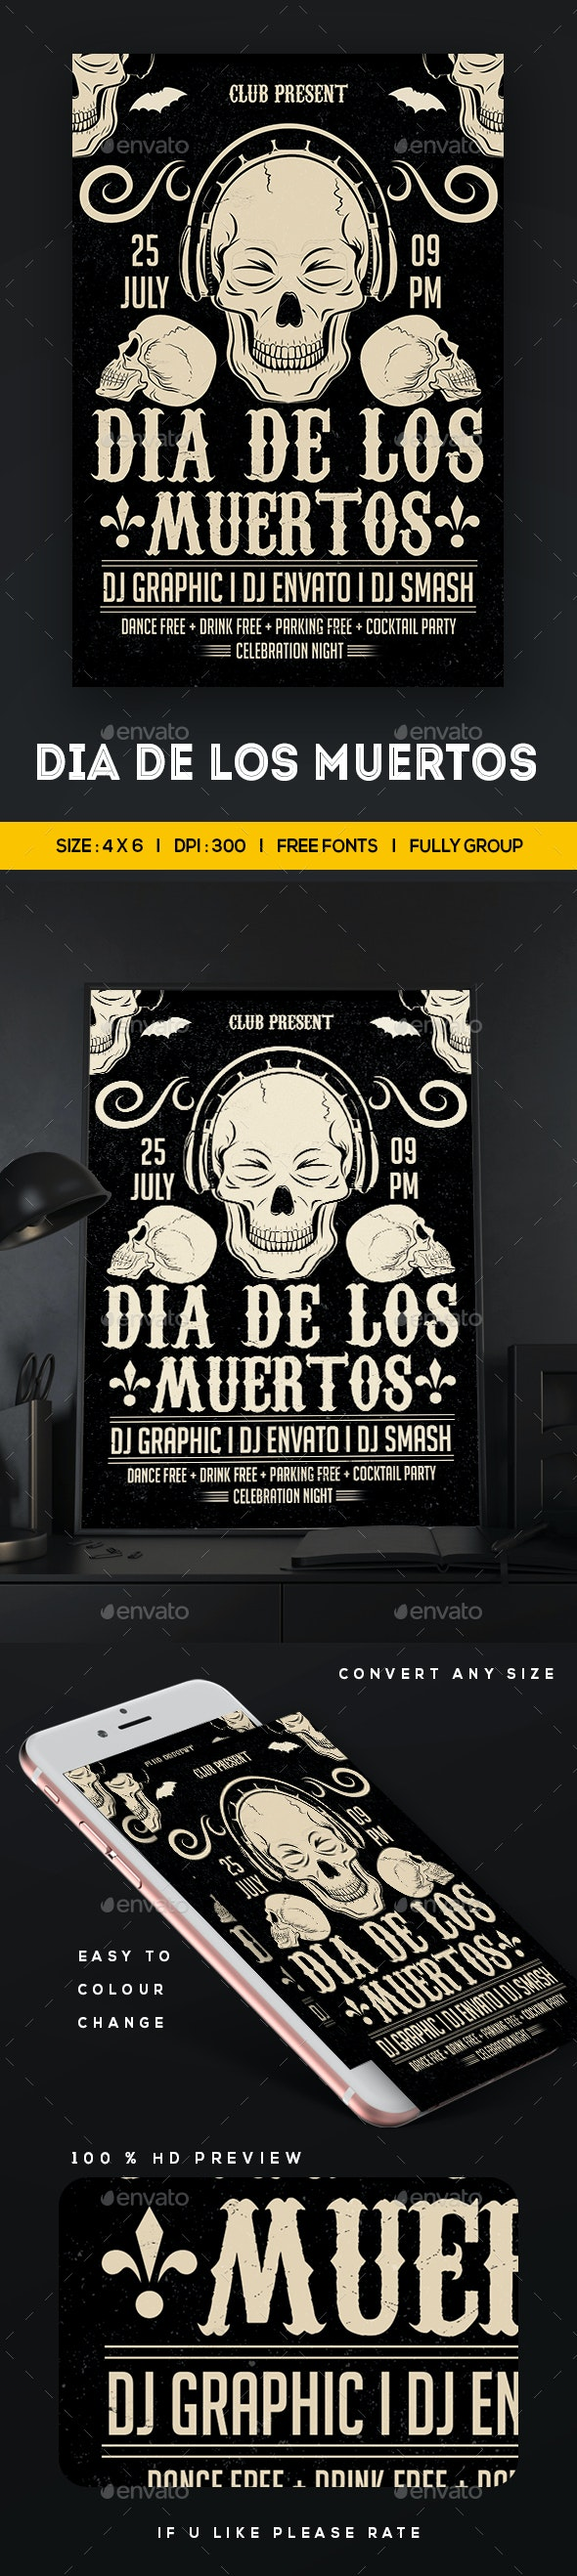 Dia De Los Muertos Flyer - Clubs & Parties Events